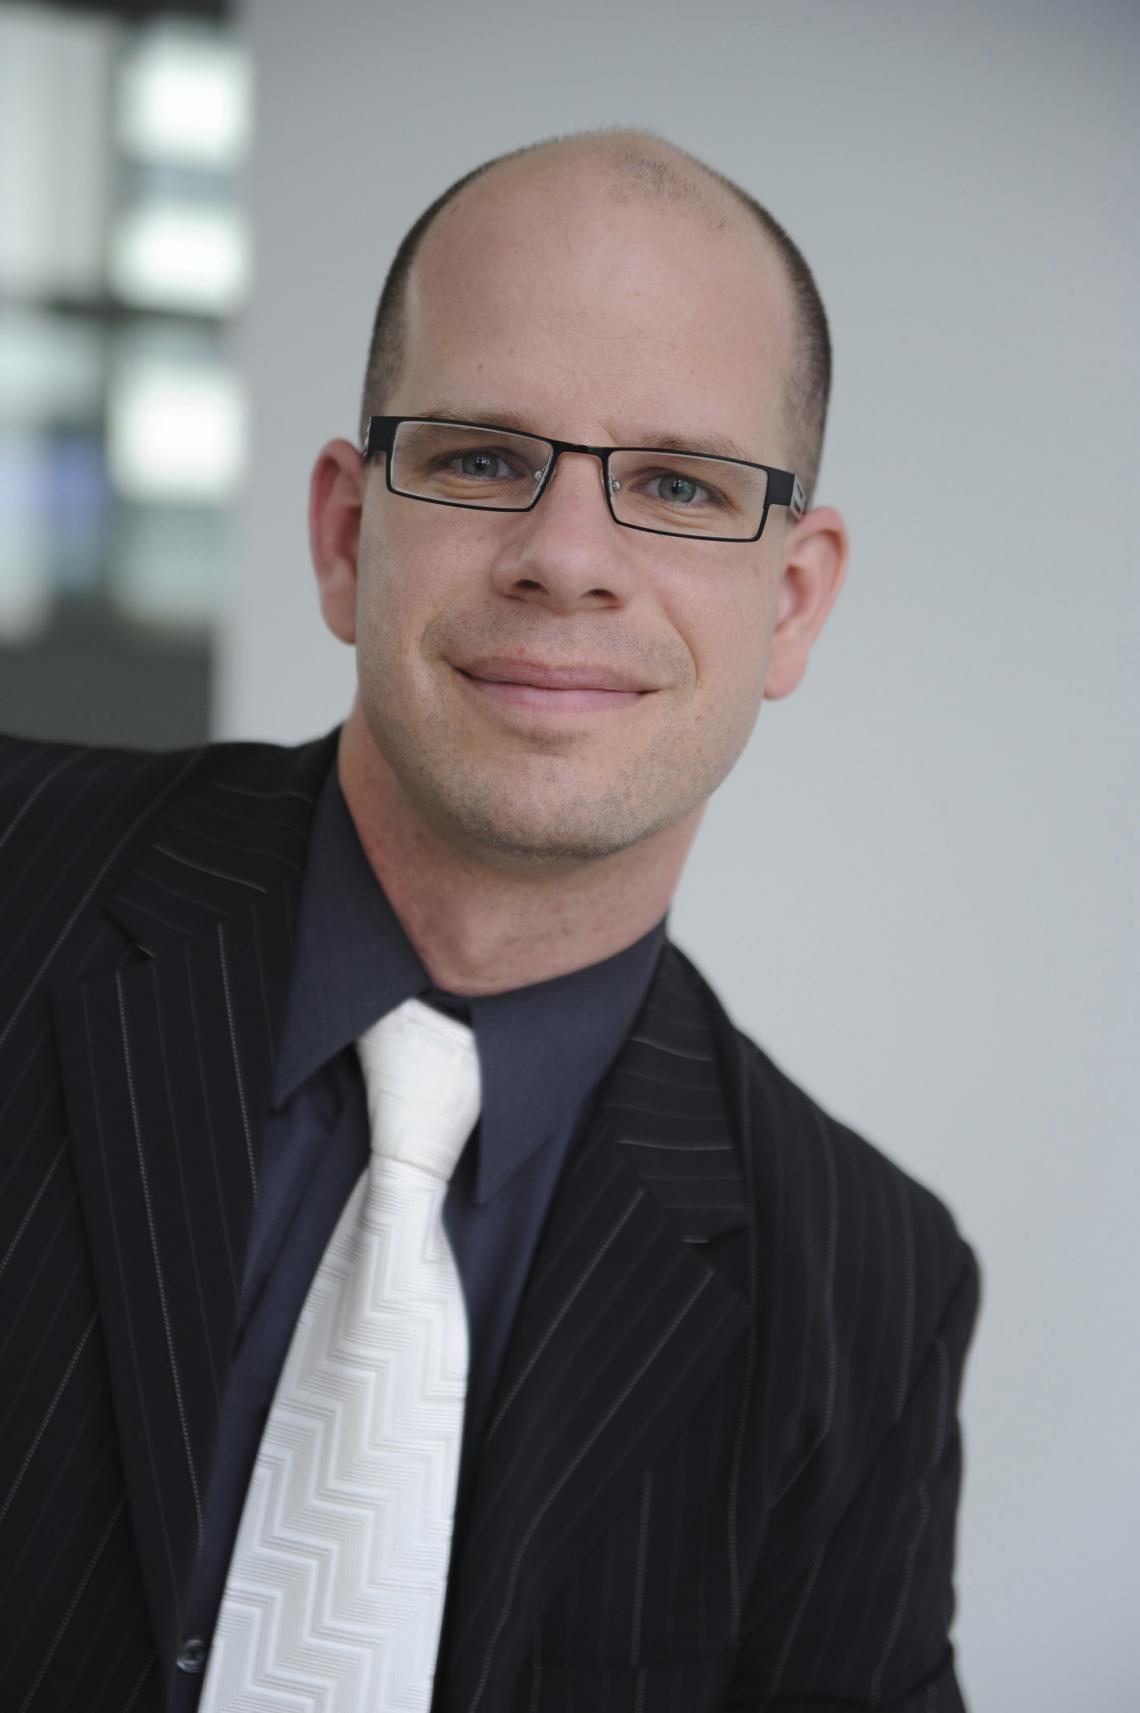 Neuer Niederlassungsleiter bei Gahrens + Battermann Düsseldorf